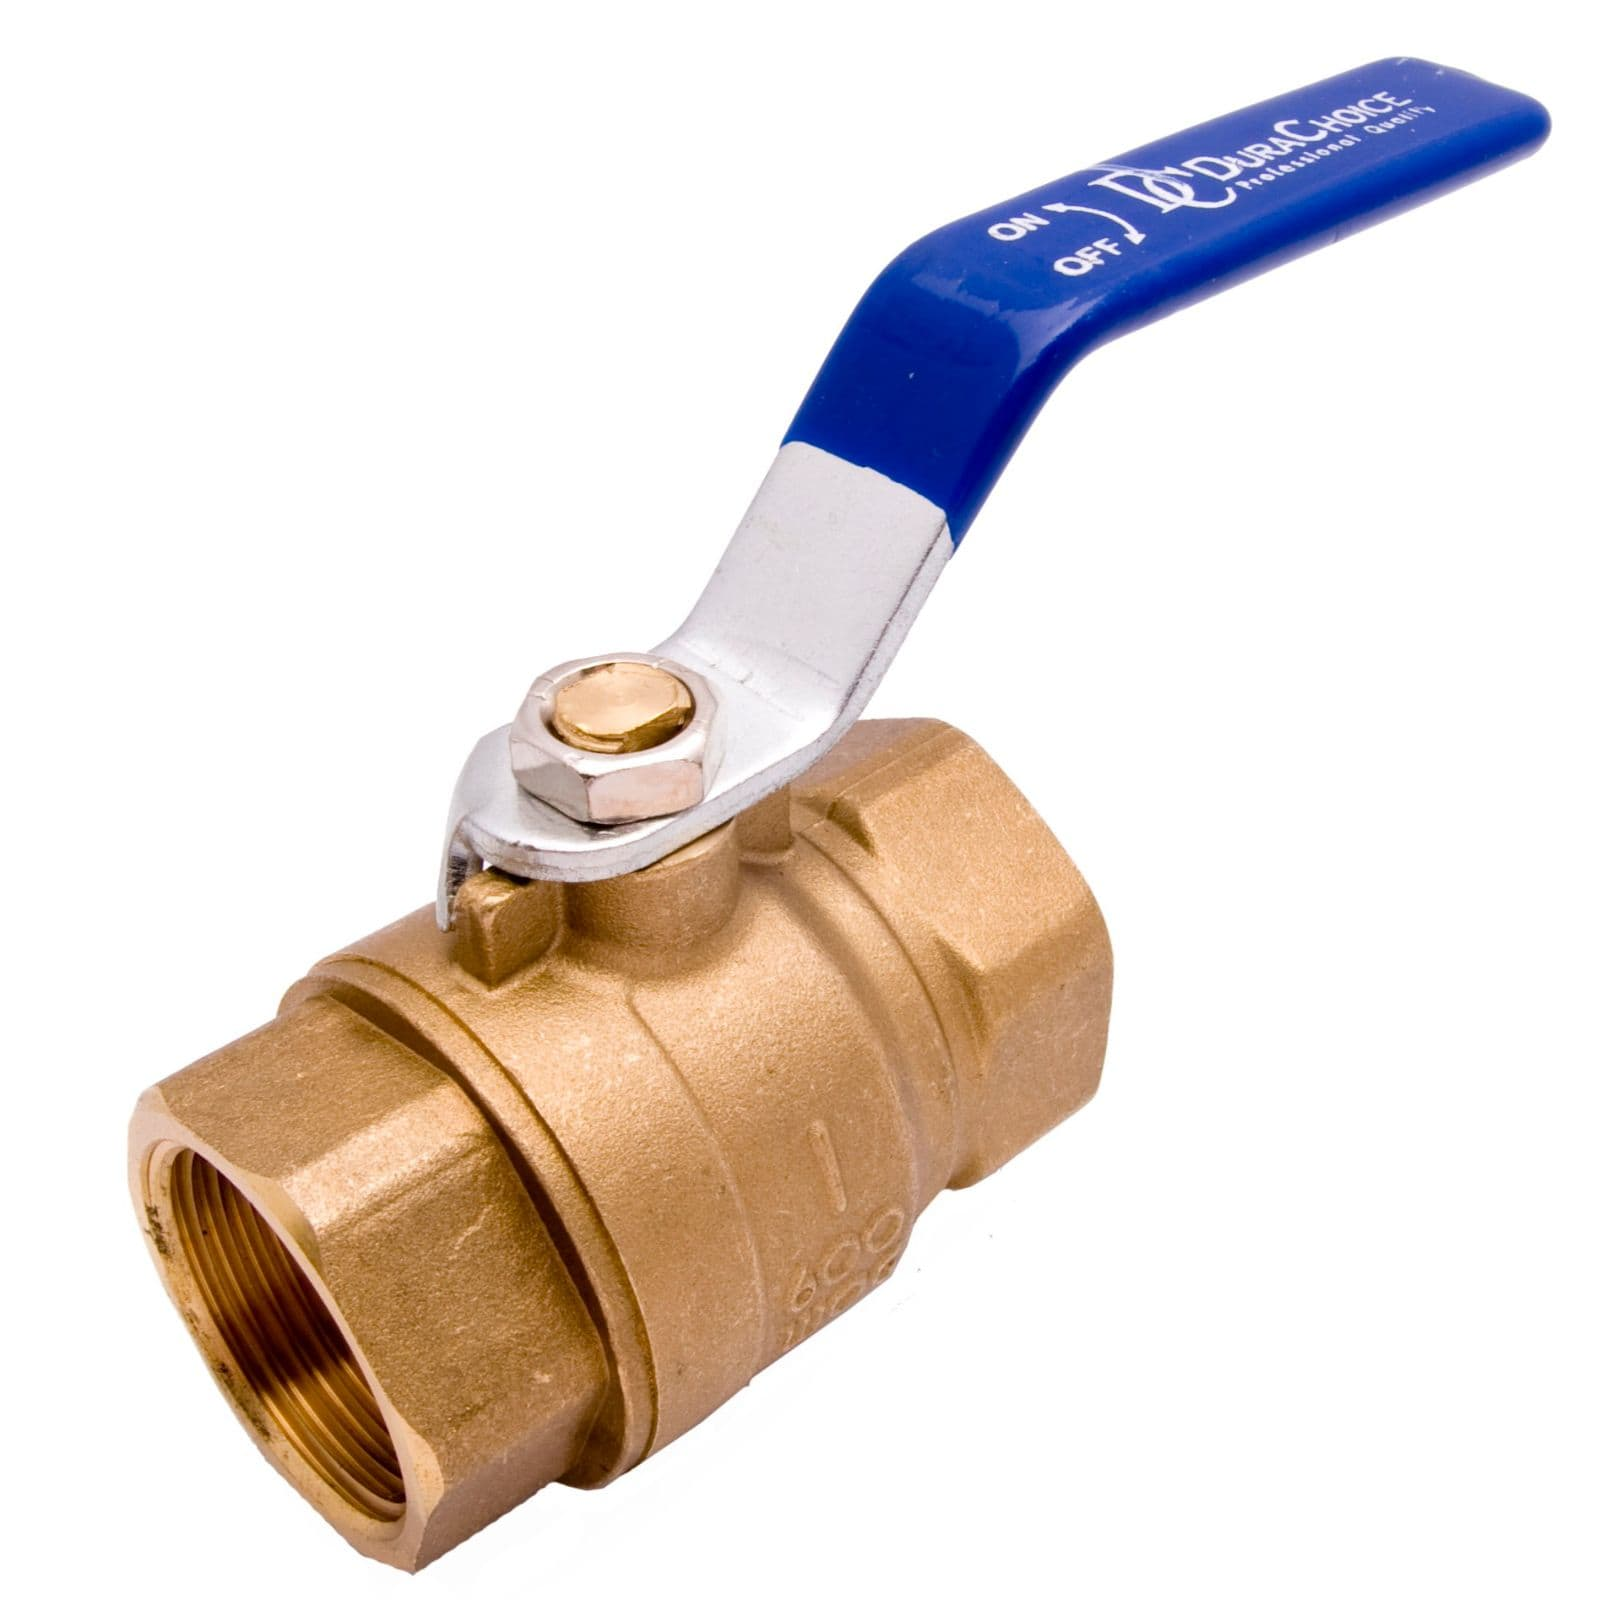 Image result for brass ball valve